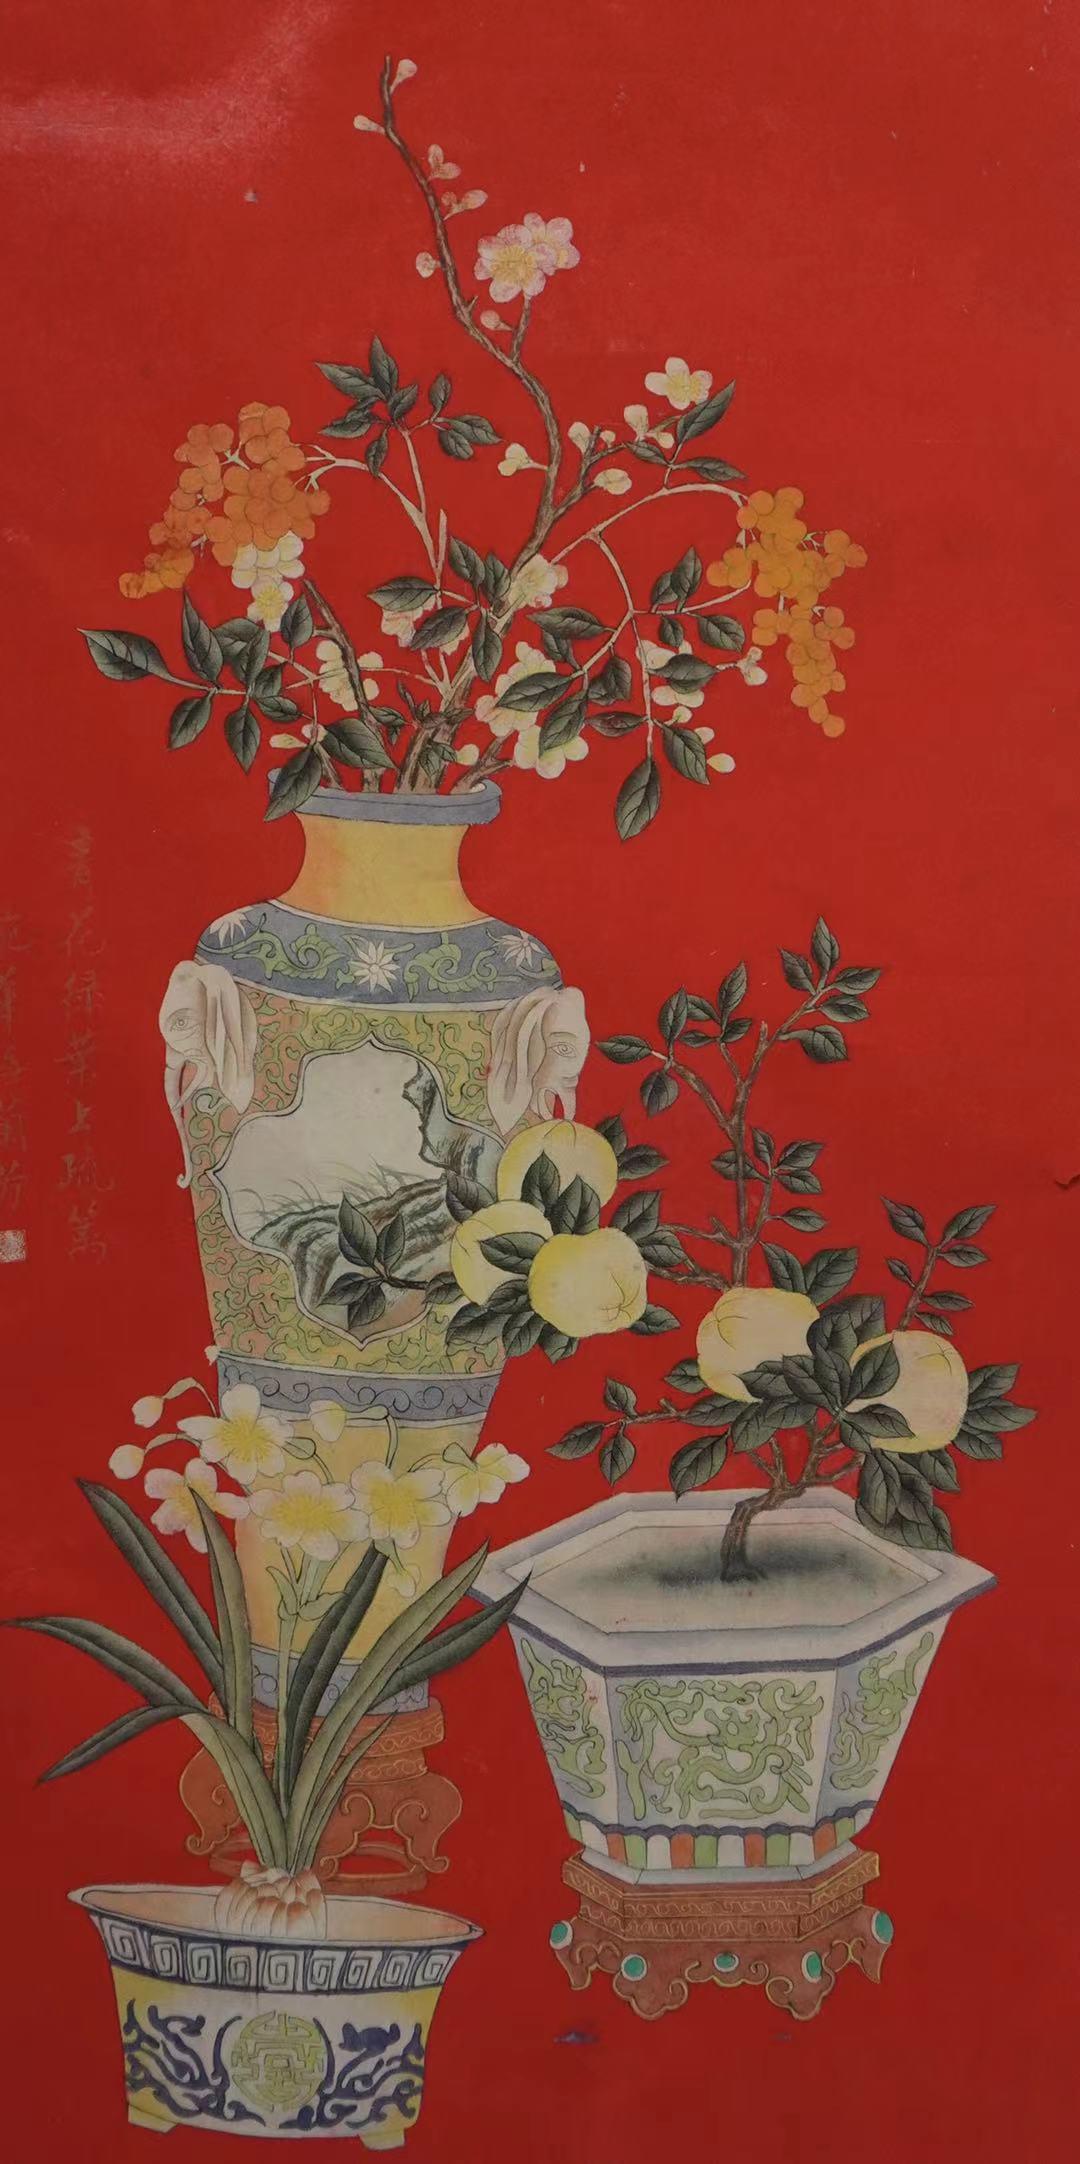 梅兰芳—青花绿叶上疏篱